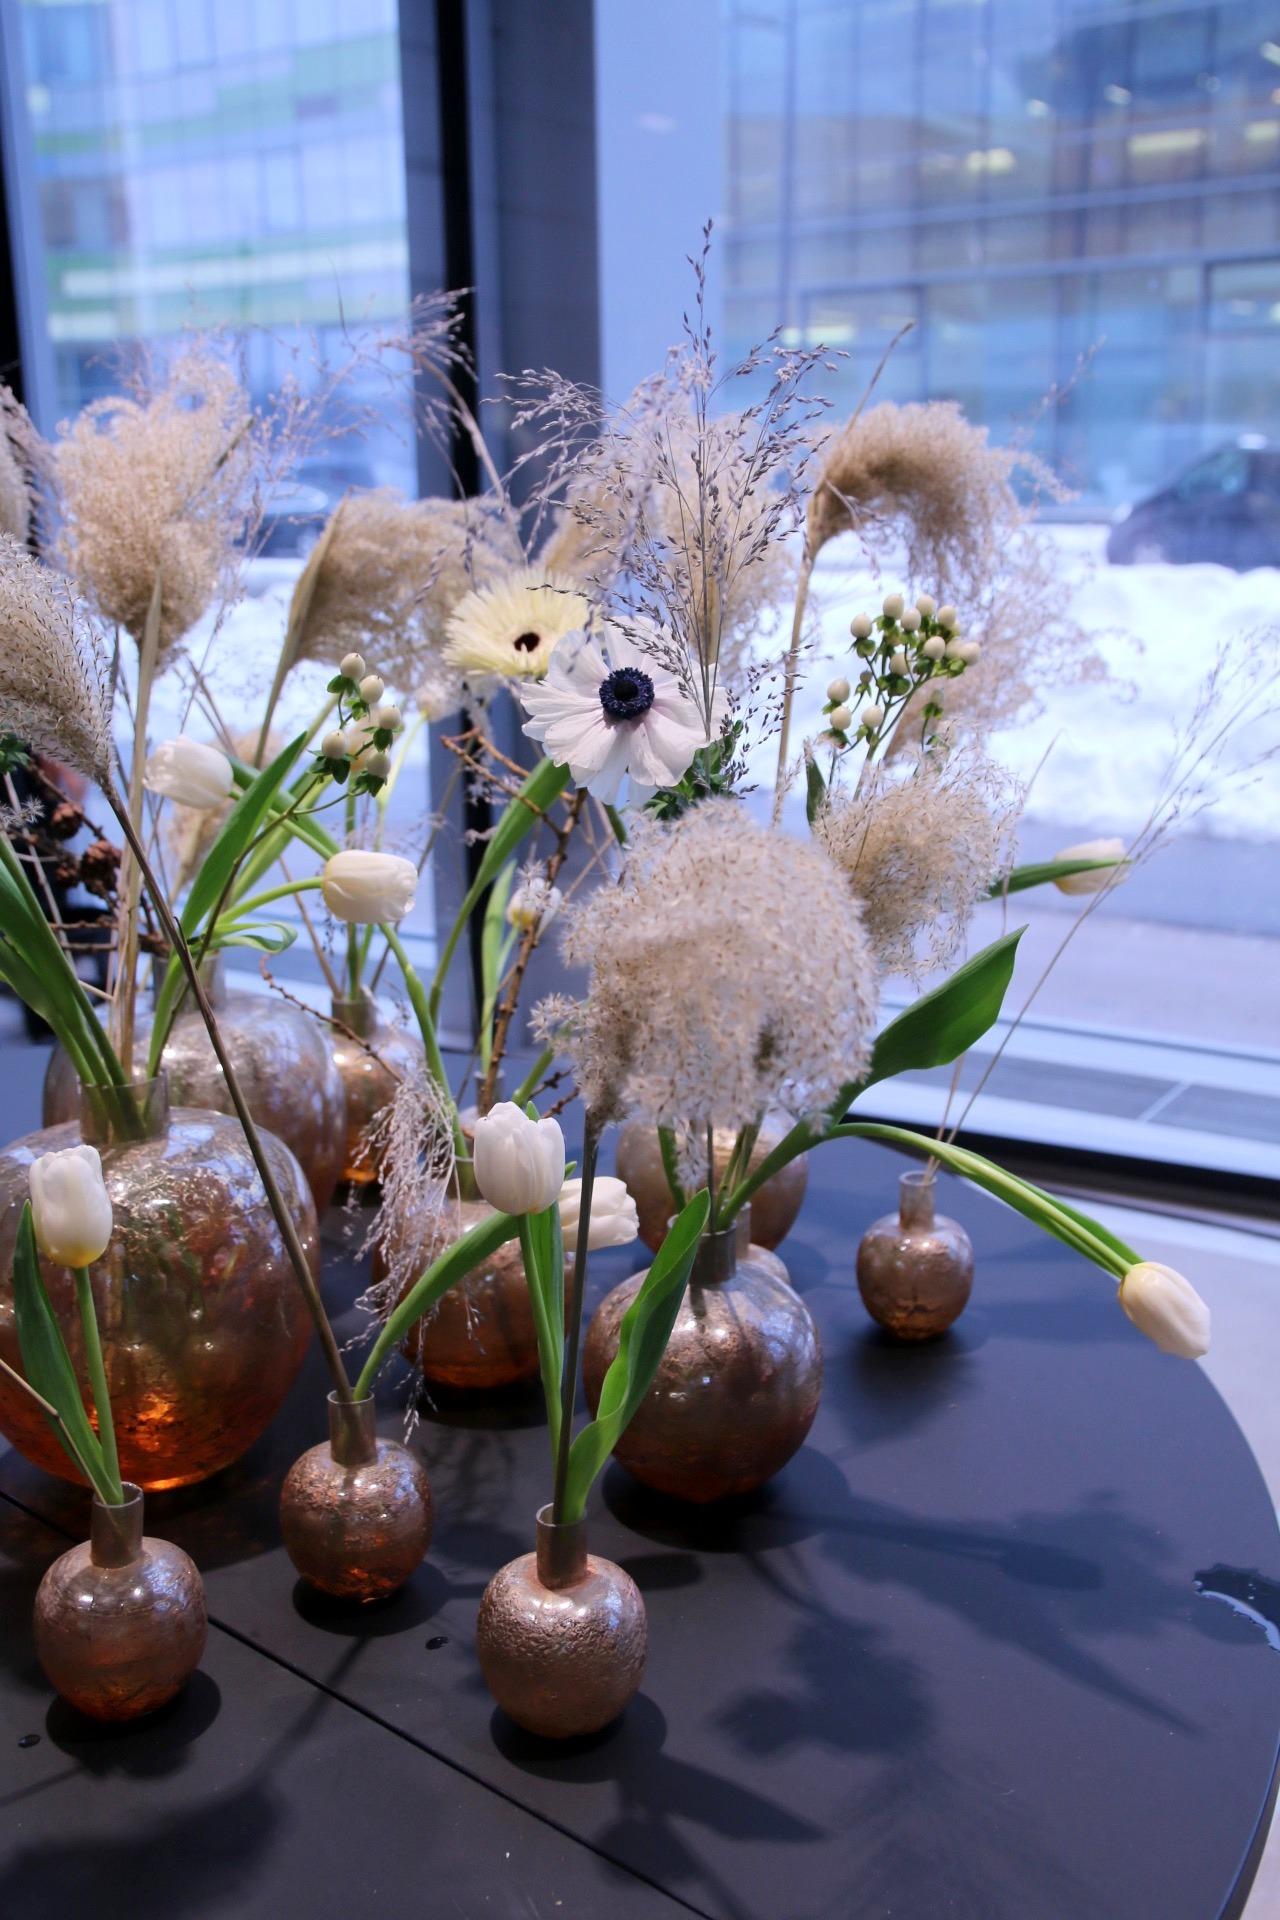 Erikokoisista maljakoista on tehty ryhmä. Valkoiset tulppaanit on aseteltu anemonen, kuismanmarjan ja heinien kanssa kokonaisuudeksi. Leikkotulppaanit saavat venyä pitkiksikin.